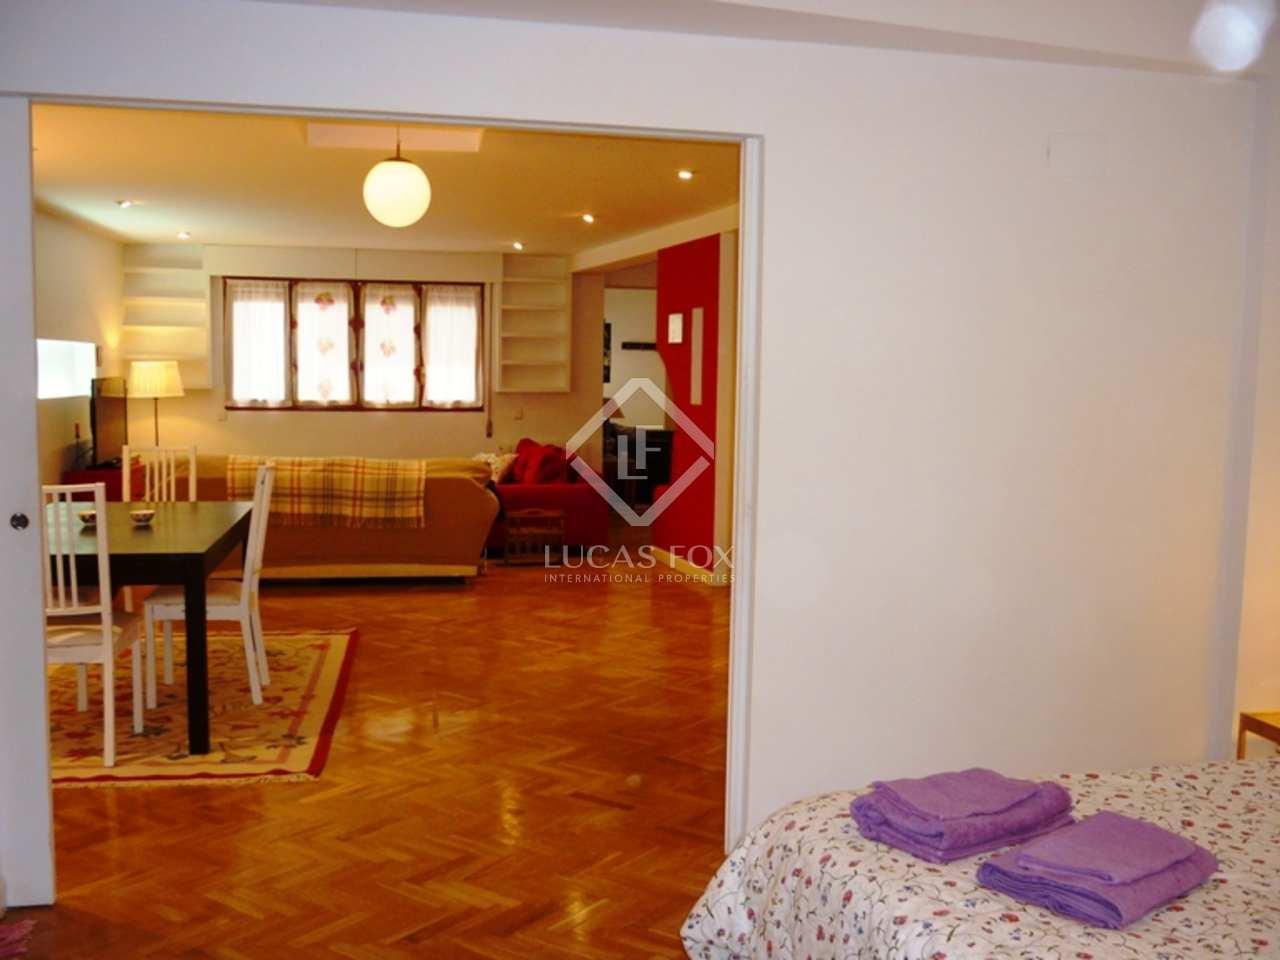 Apartamento en venta en la zona de justicia de madrid - Compro piso en madrid zona centro ...